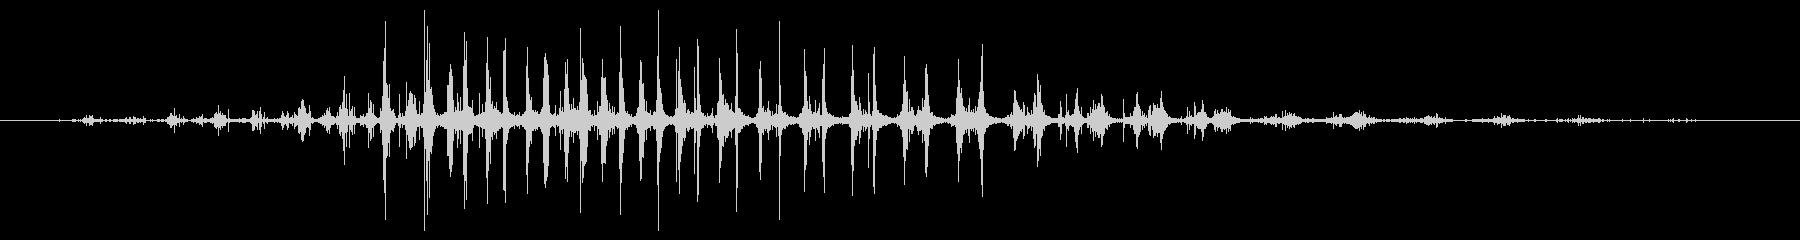 シェーカー ウッドラトルダイナミック03の未再生の波形